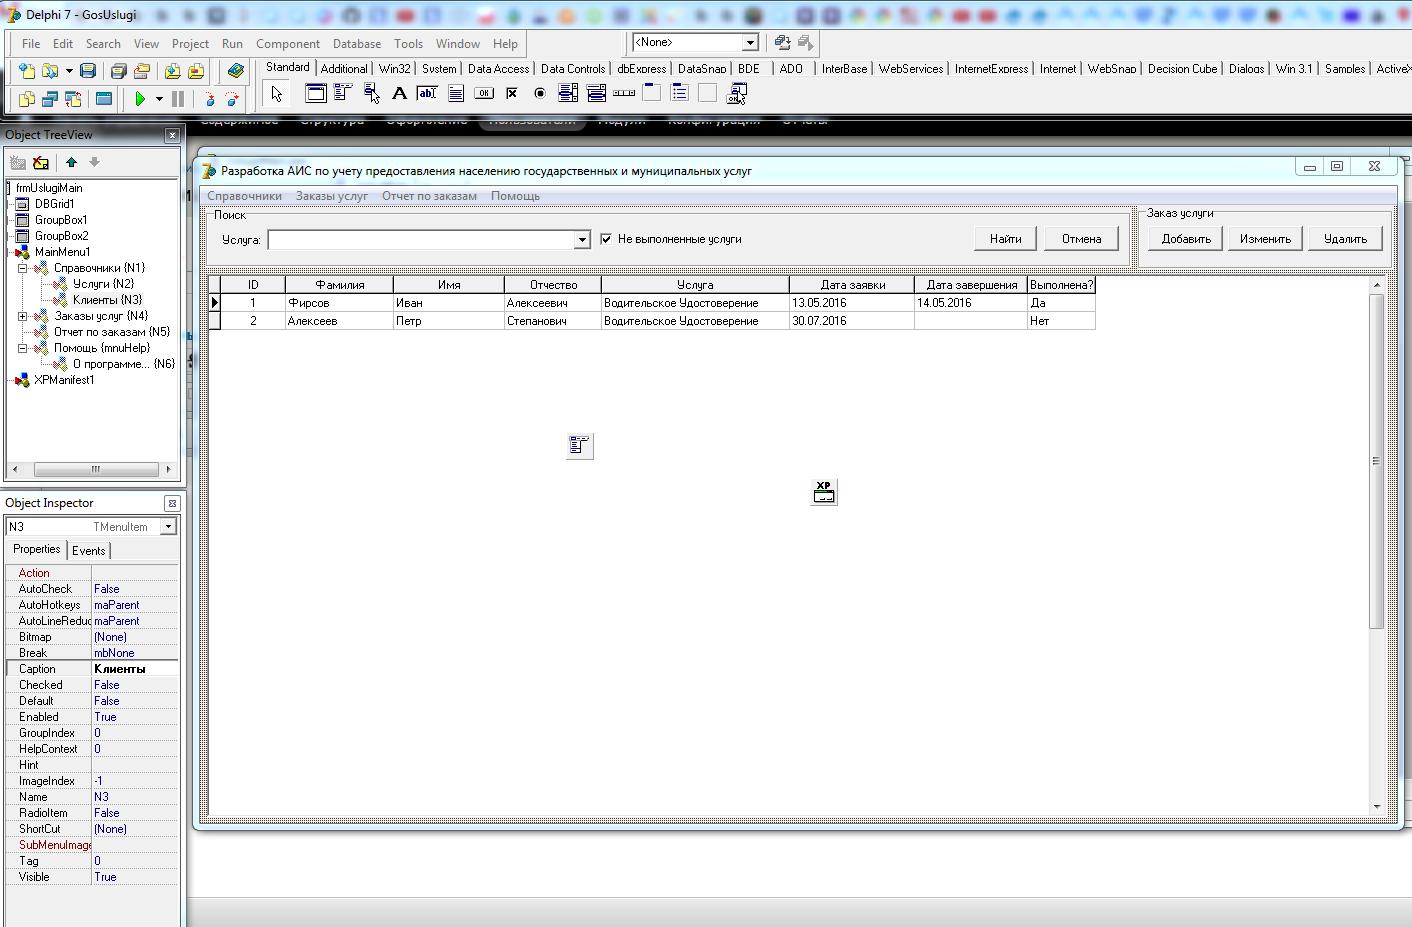 Курсовая база данных delphi на тему АИС по учету предоставления  view the full image